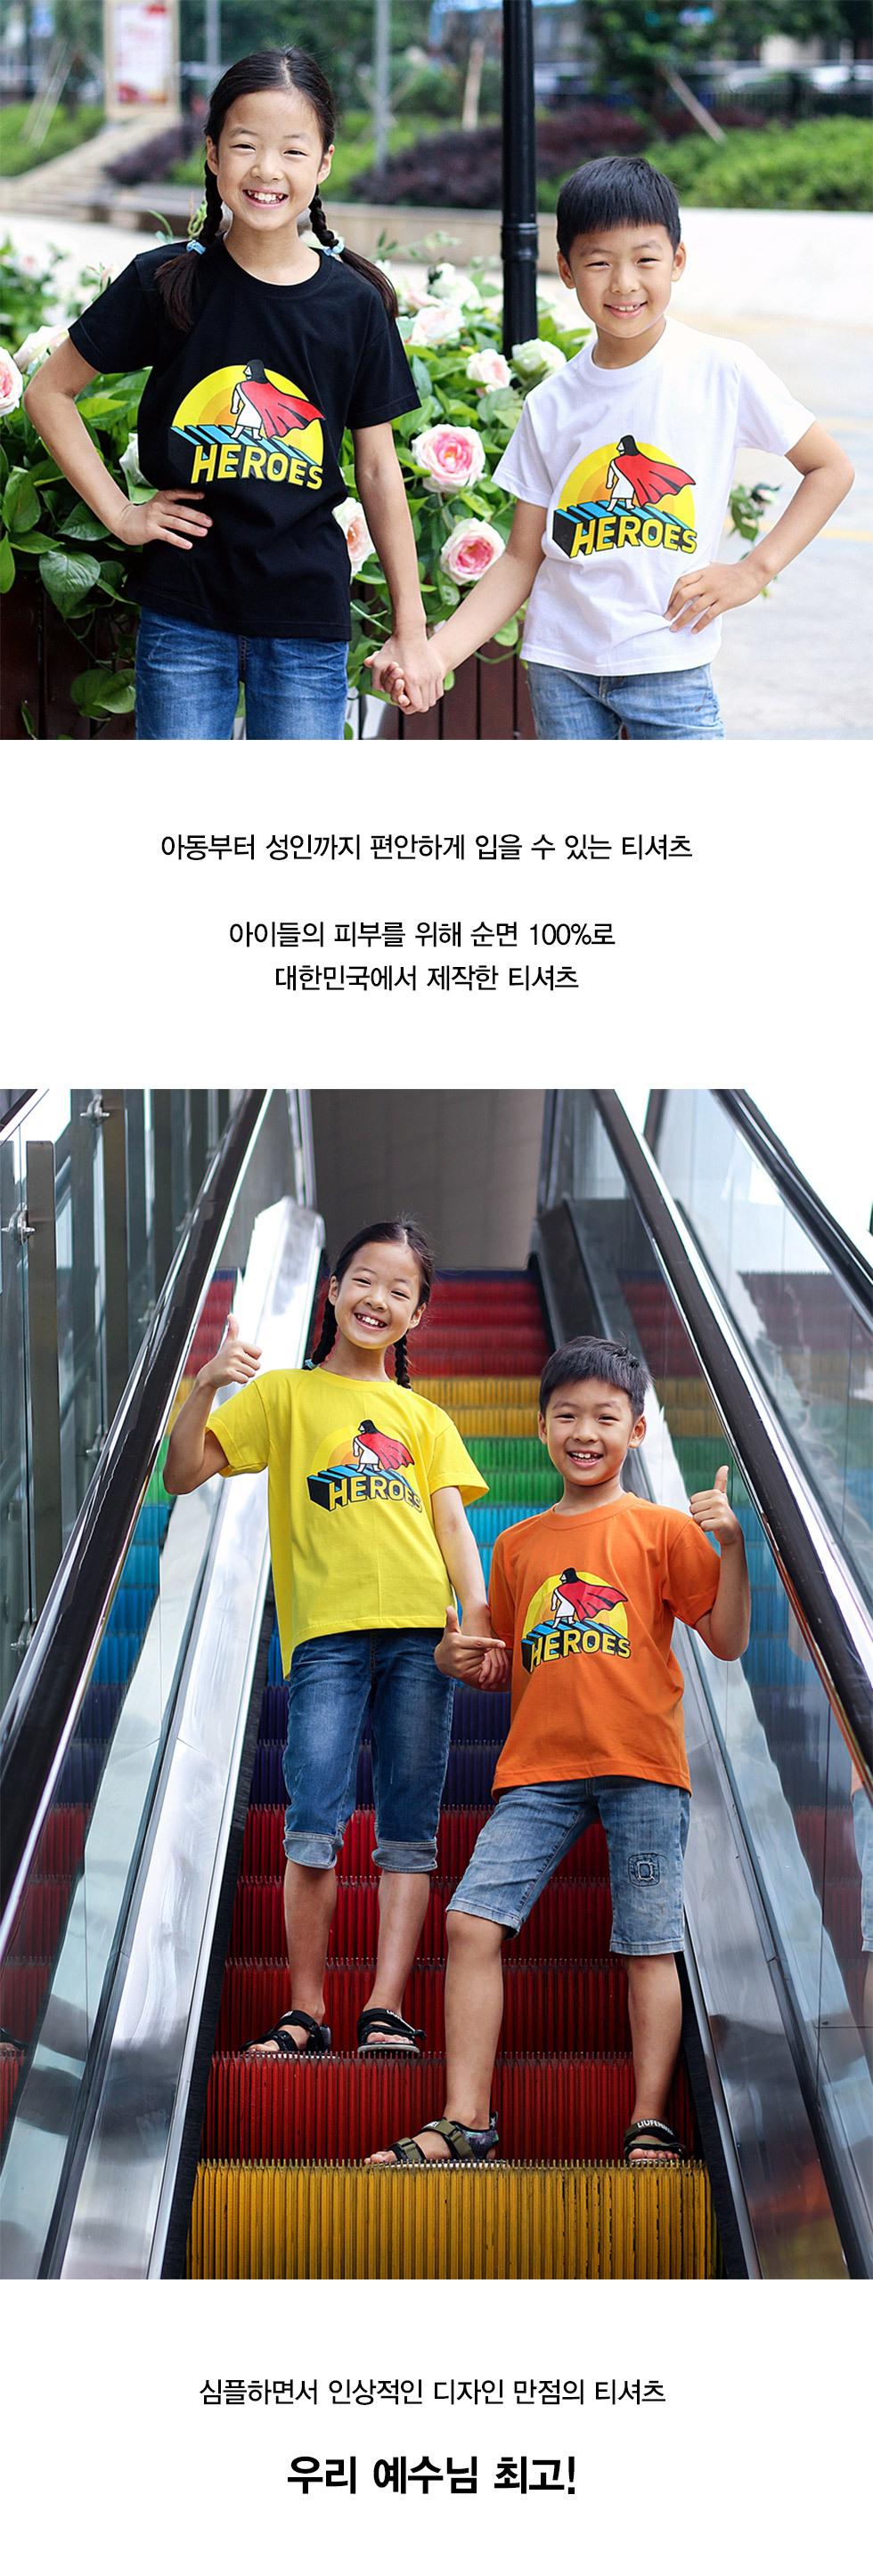 교회단체티 Heroes 히어로 아동용 특징